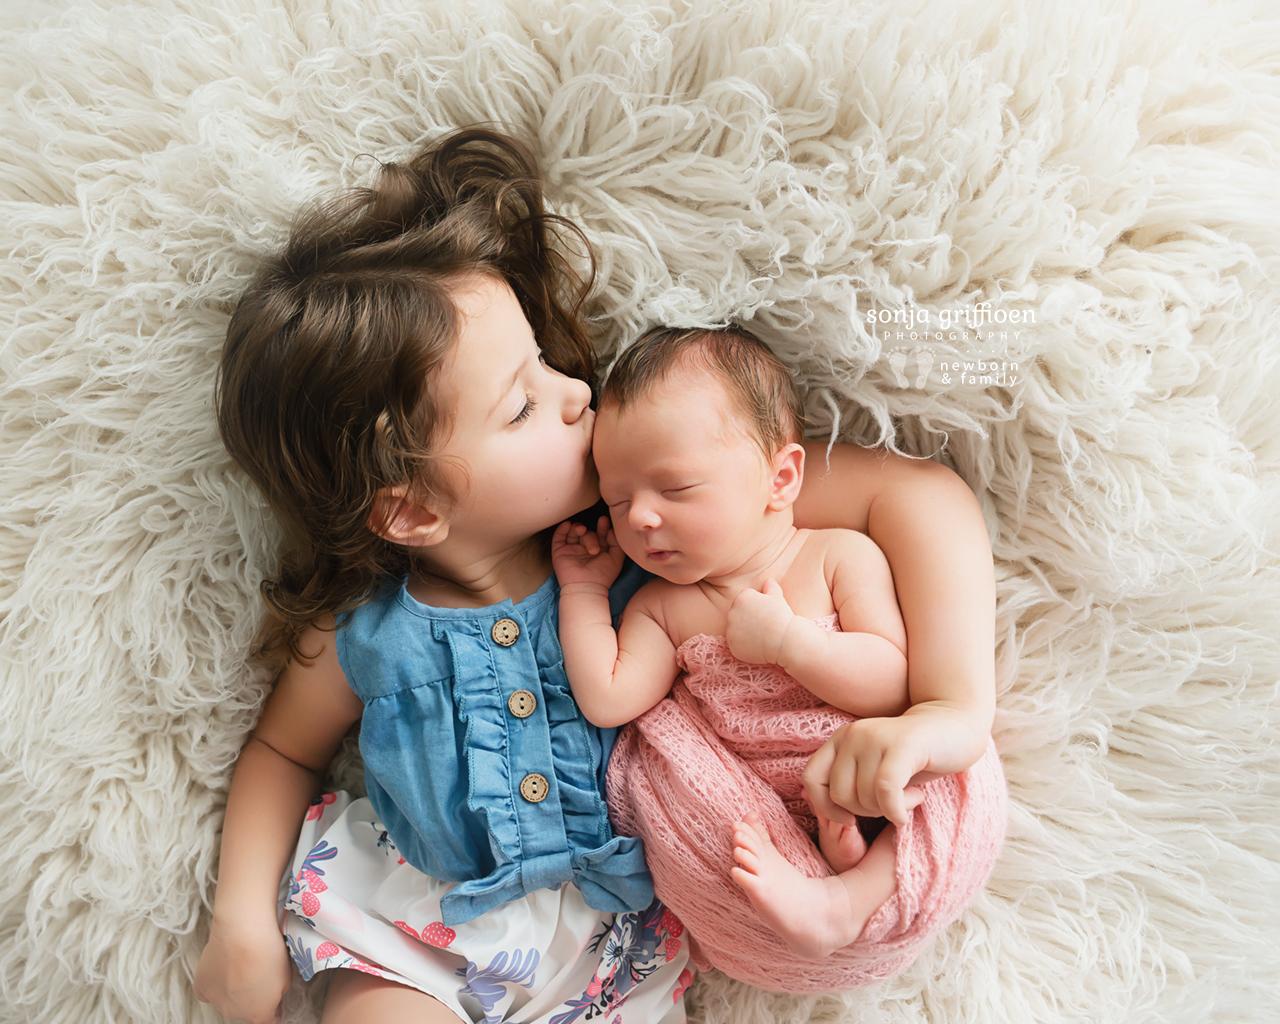 Delilah-Newborn-Brisbane-Newborn-Photographer-Sonja-Griffioen-05.jpg